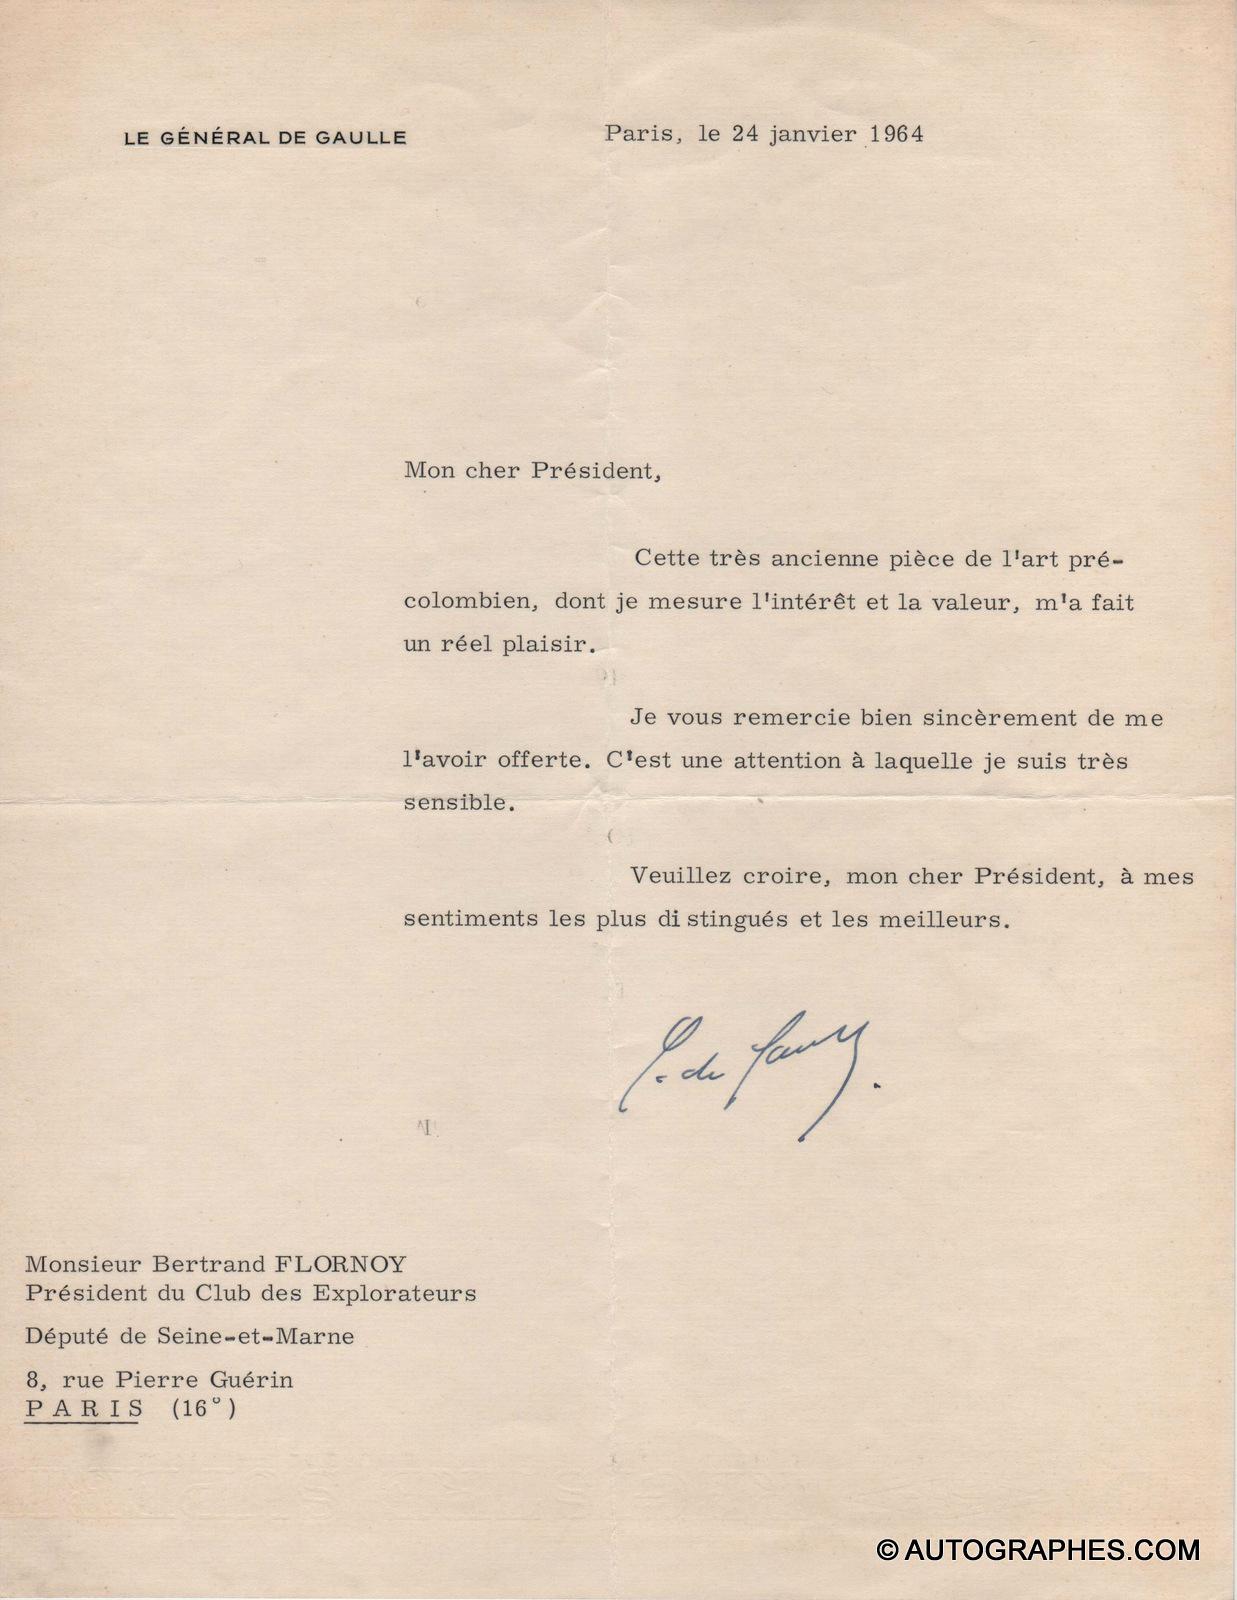 Charles de GAULLE - Lettre dactylographiée signée (24 janvier 1964)